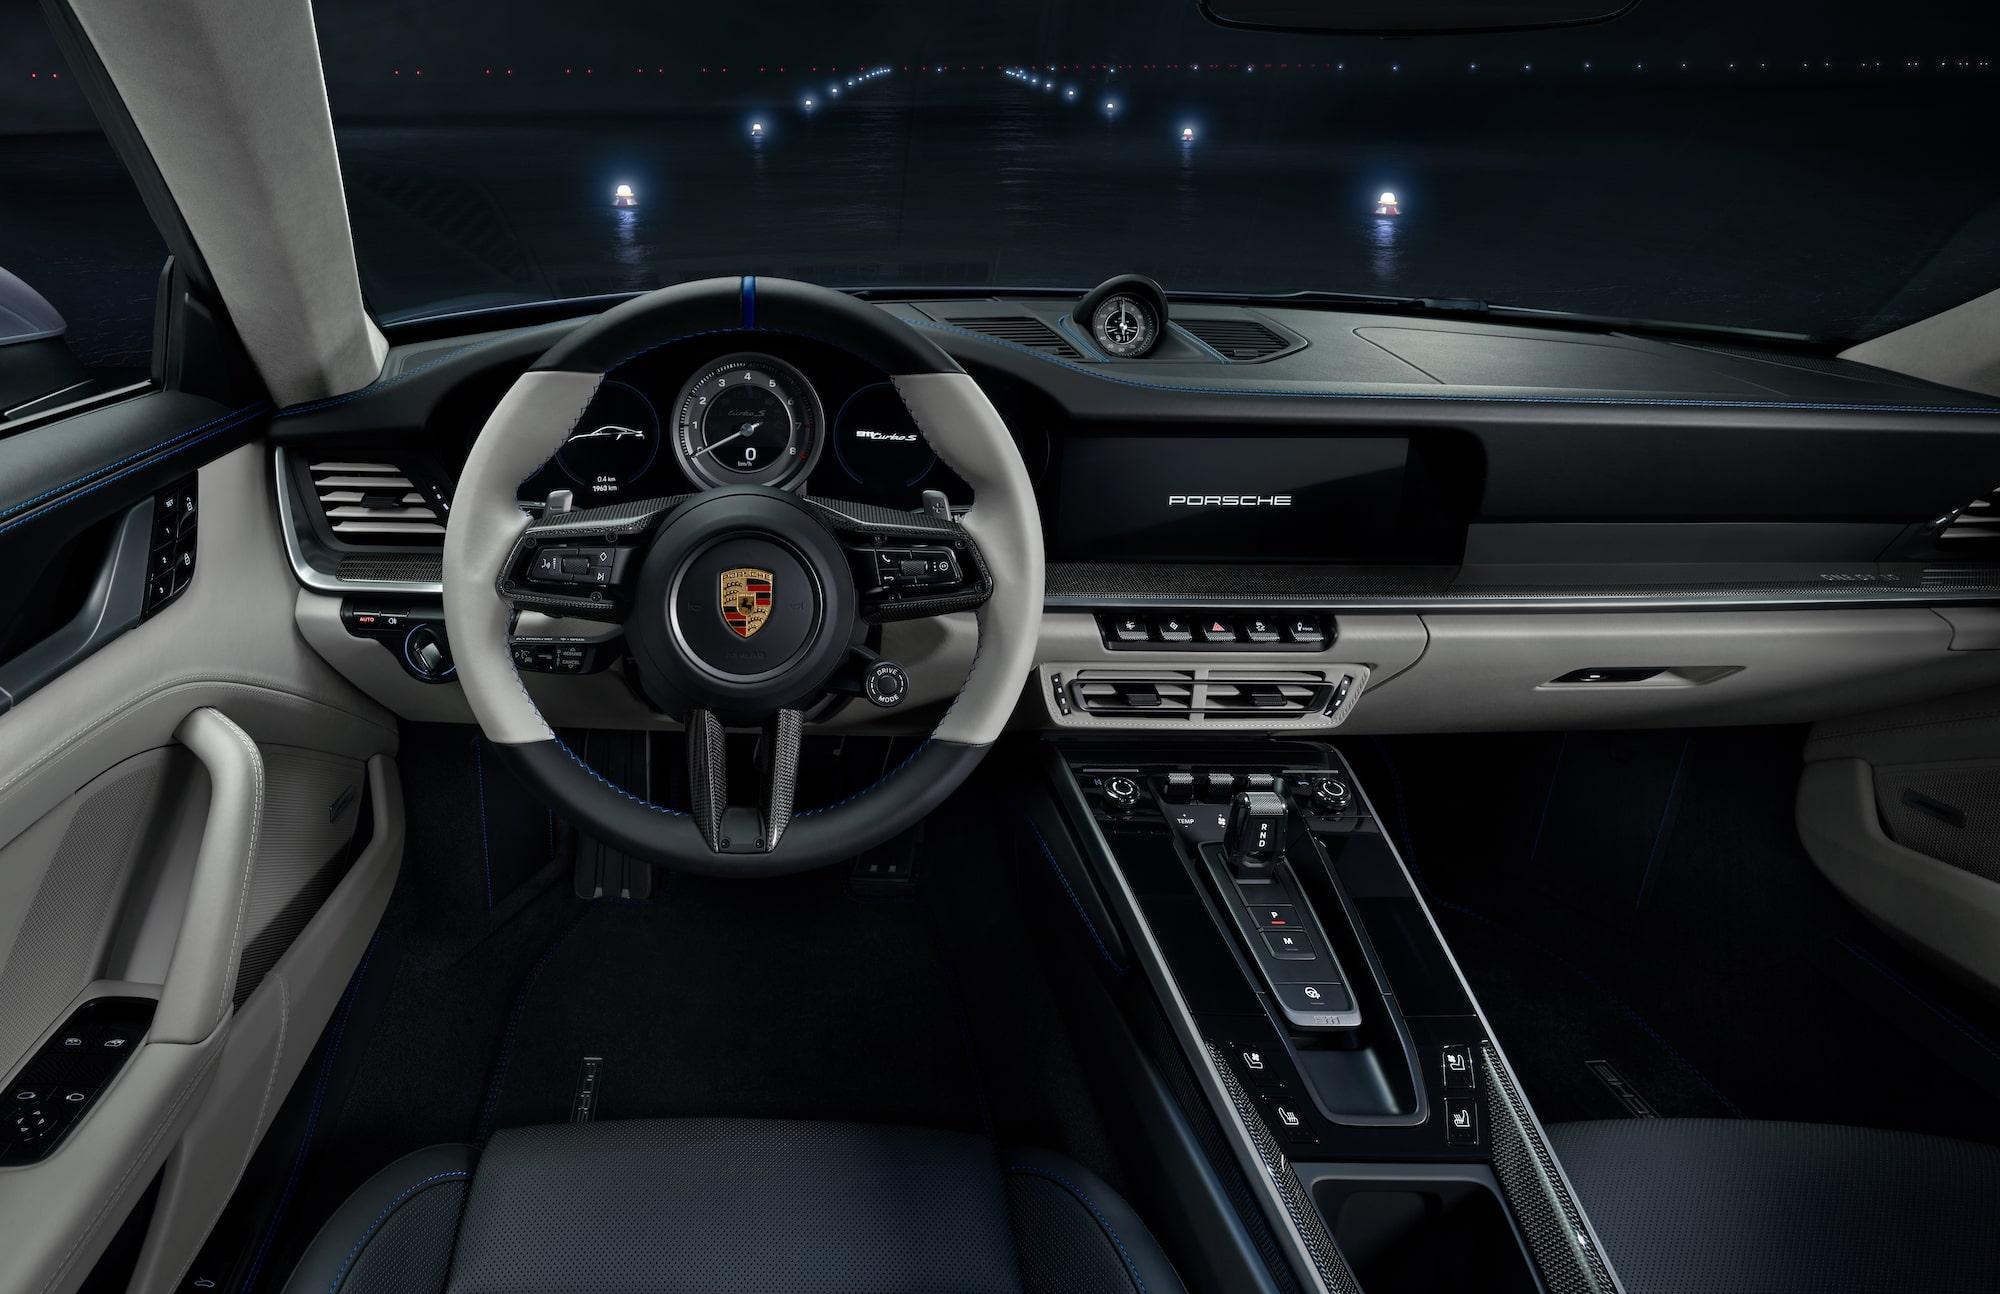 Intérieur de la POrsche 911 Turbo S DUET avec Embraer